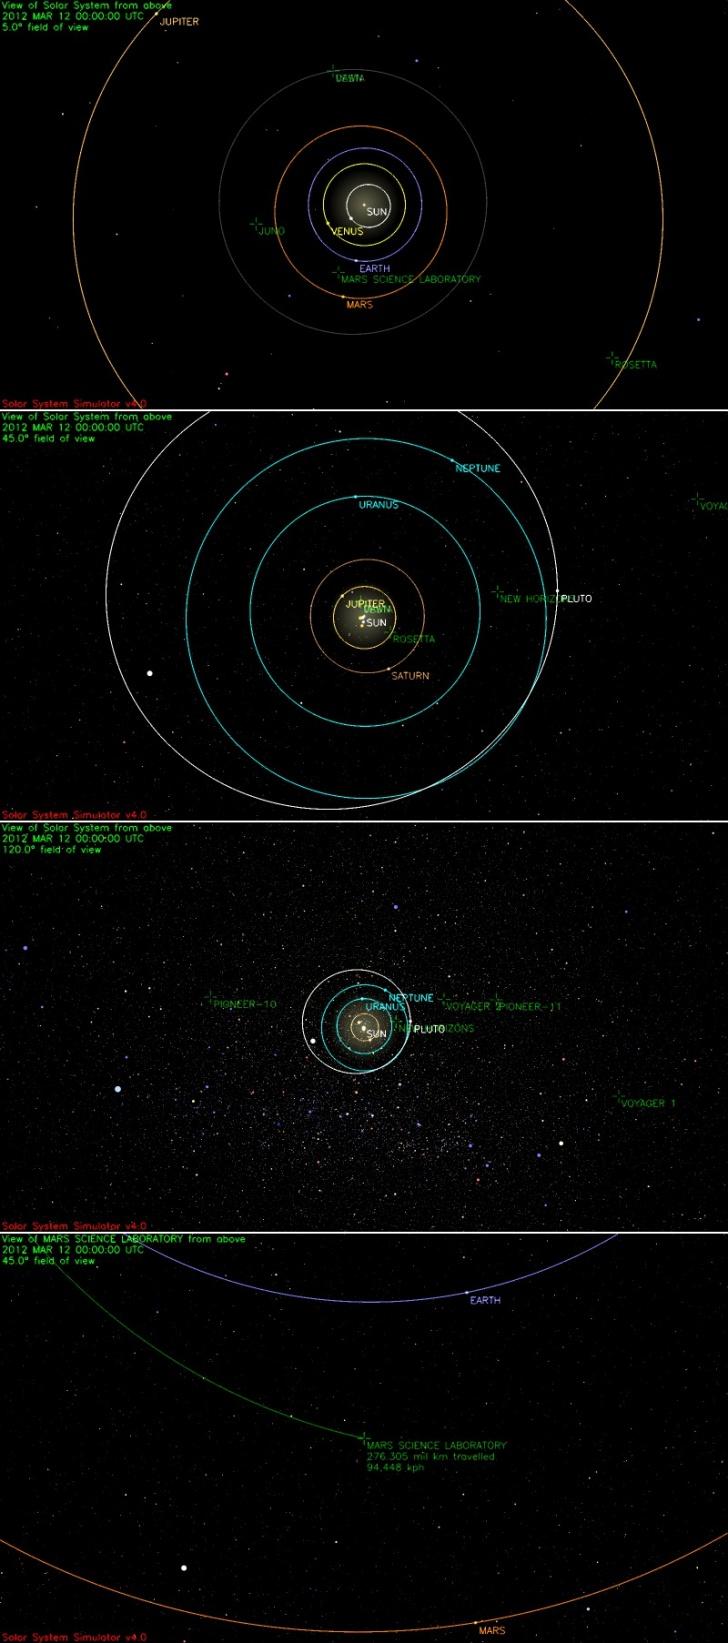 클리앙 > 모두의공원 > 현재 태양계 행성, 탐사선 위치~